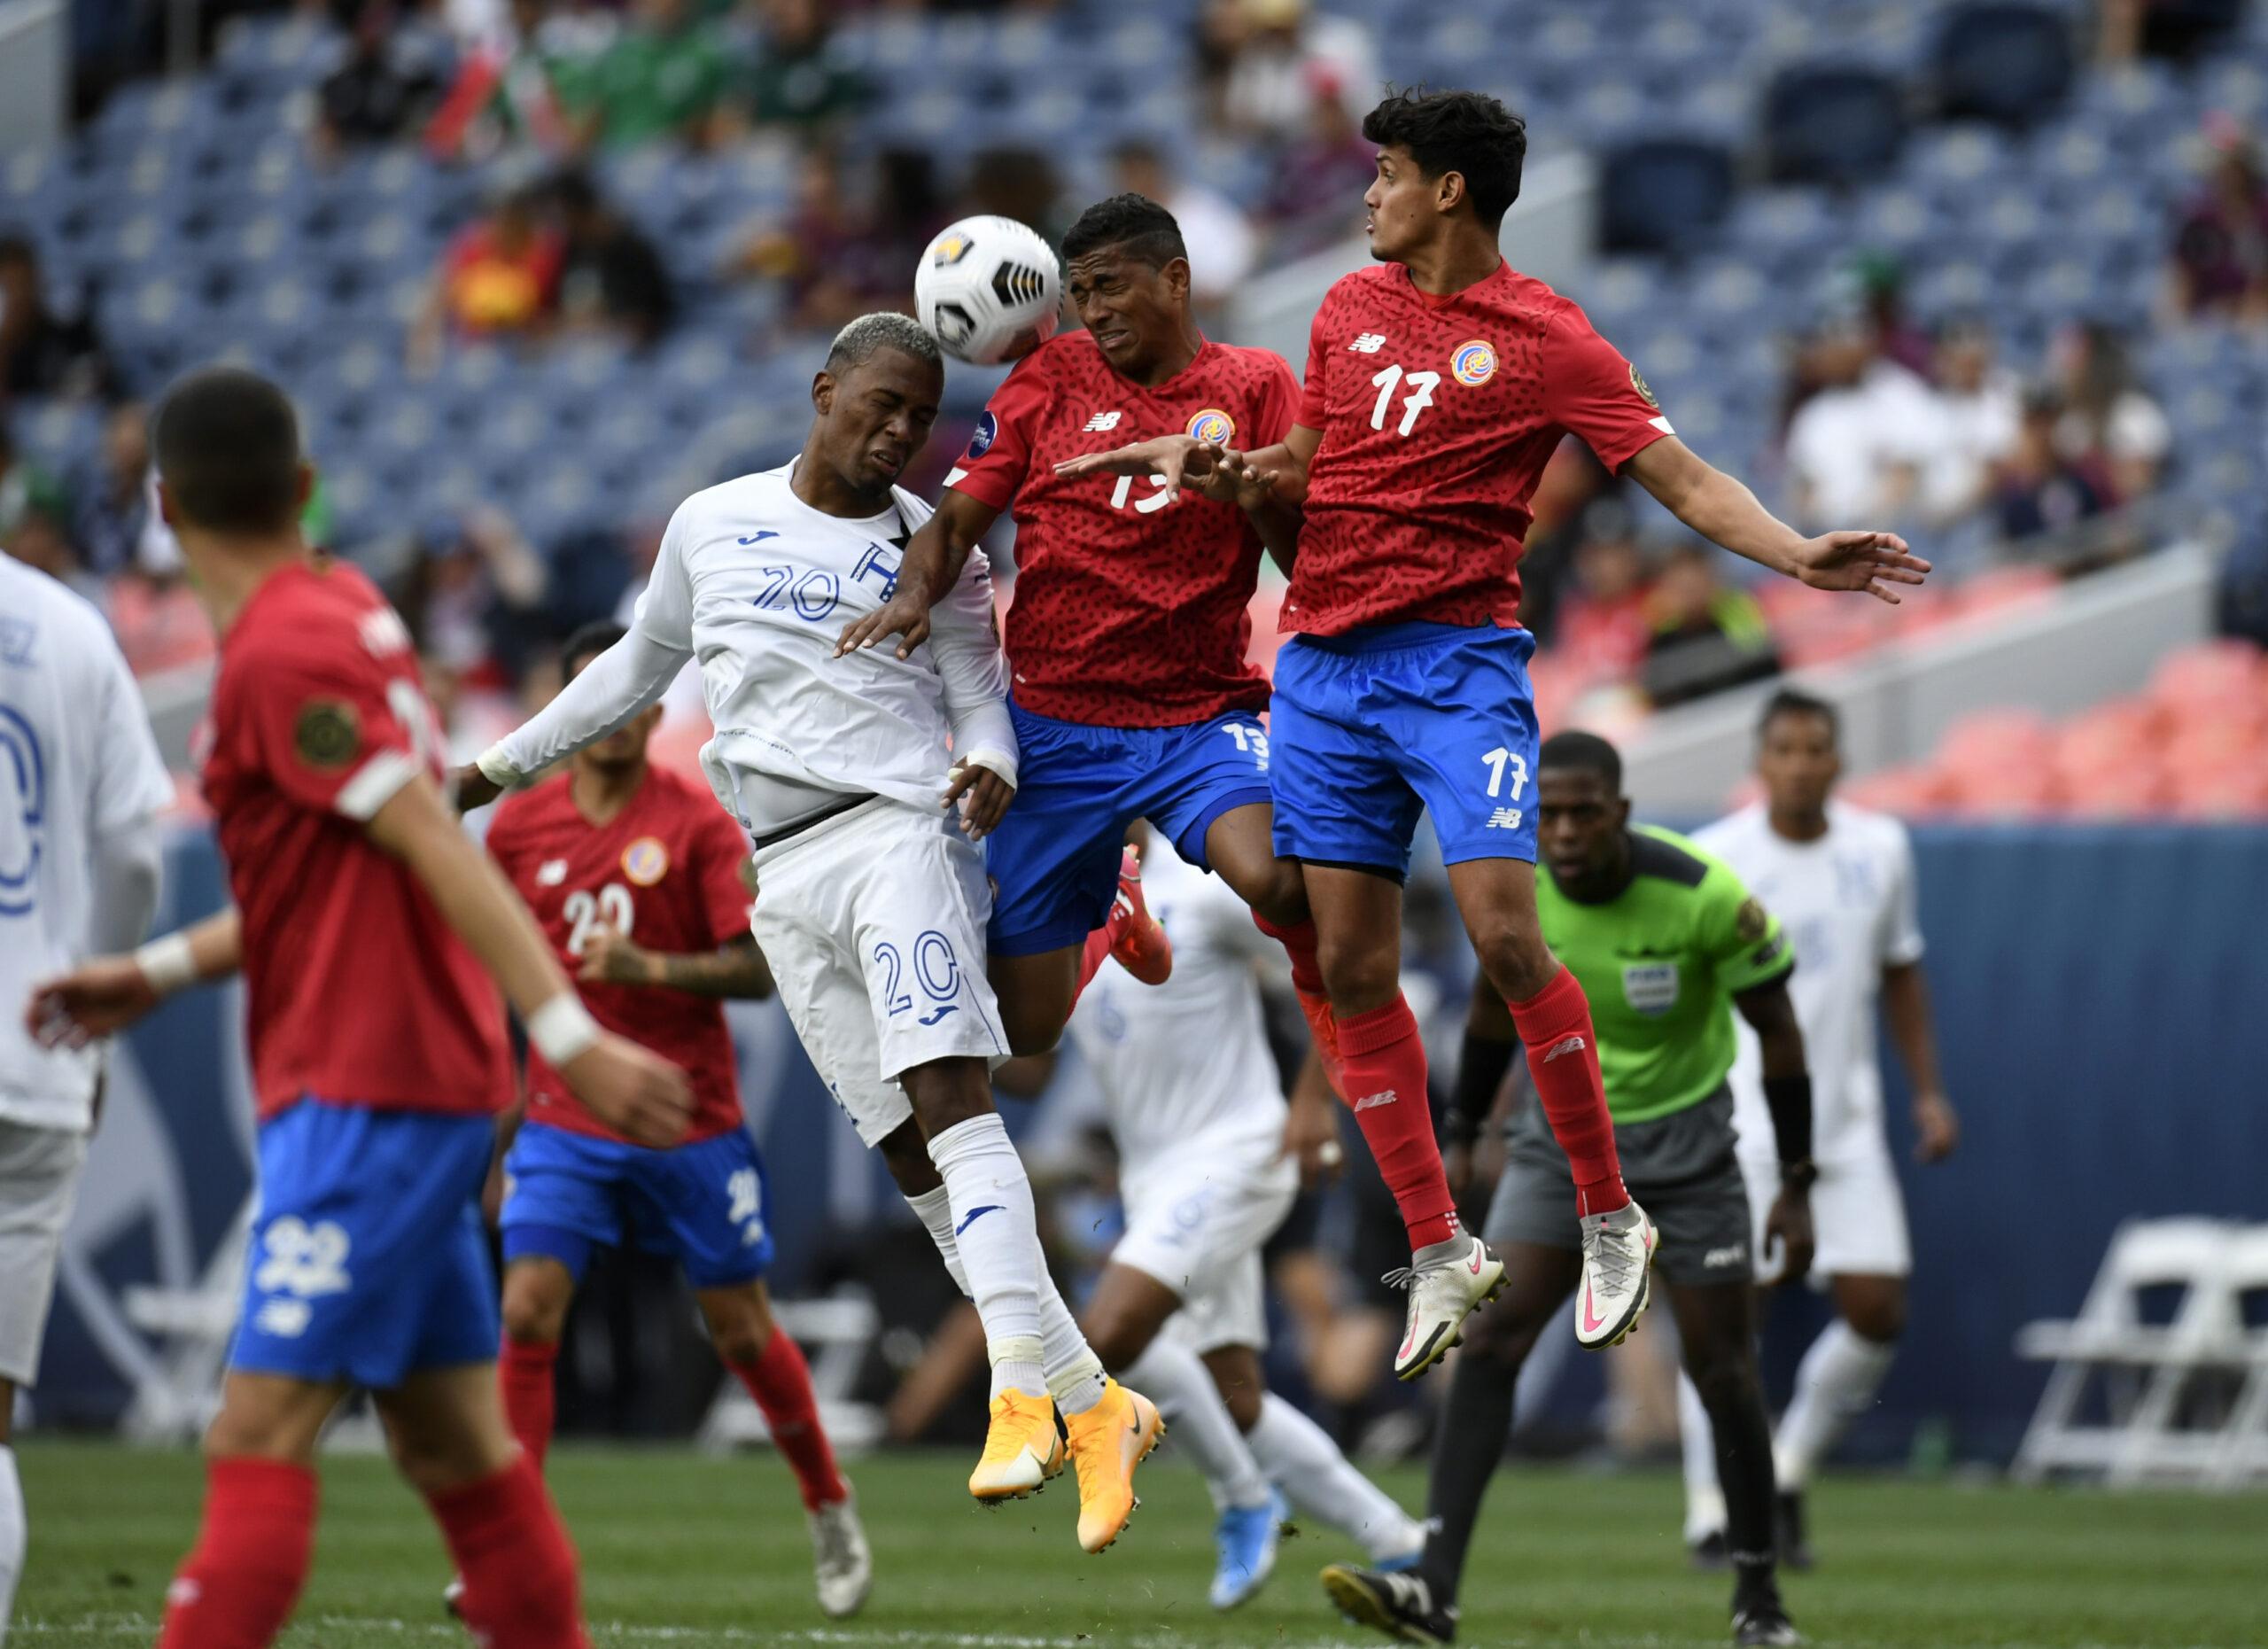 Tỷ lệ kèo nhà cái Costa Rica vs Guadeloupe, 08h00 ngày 13/7, Gold Cup